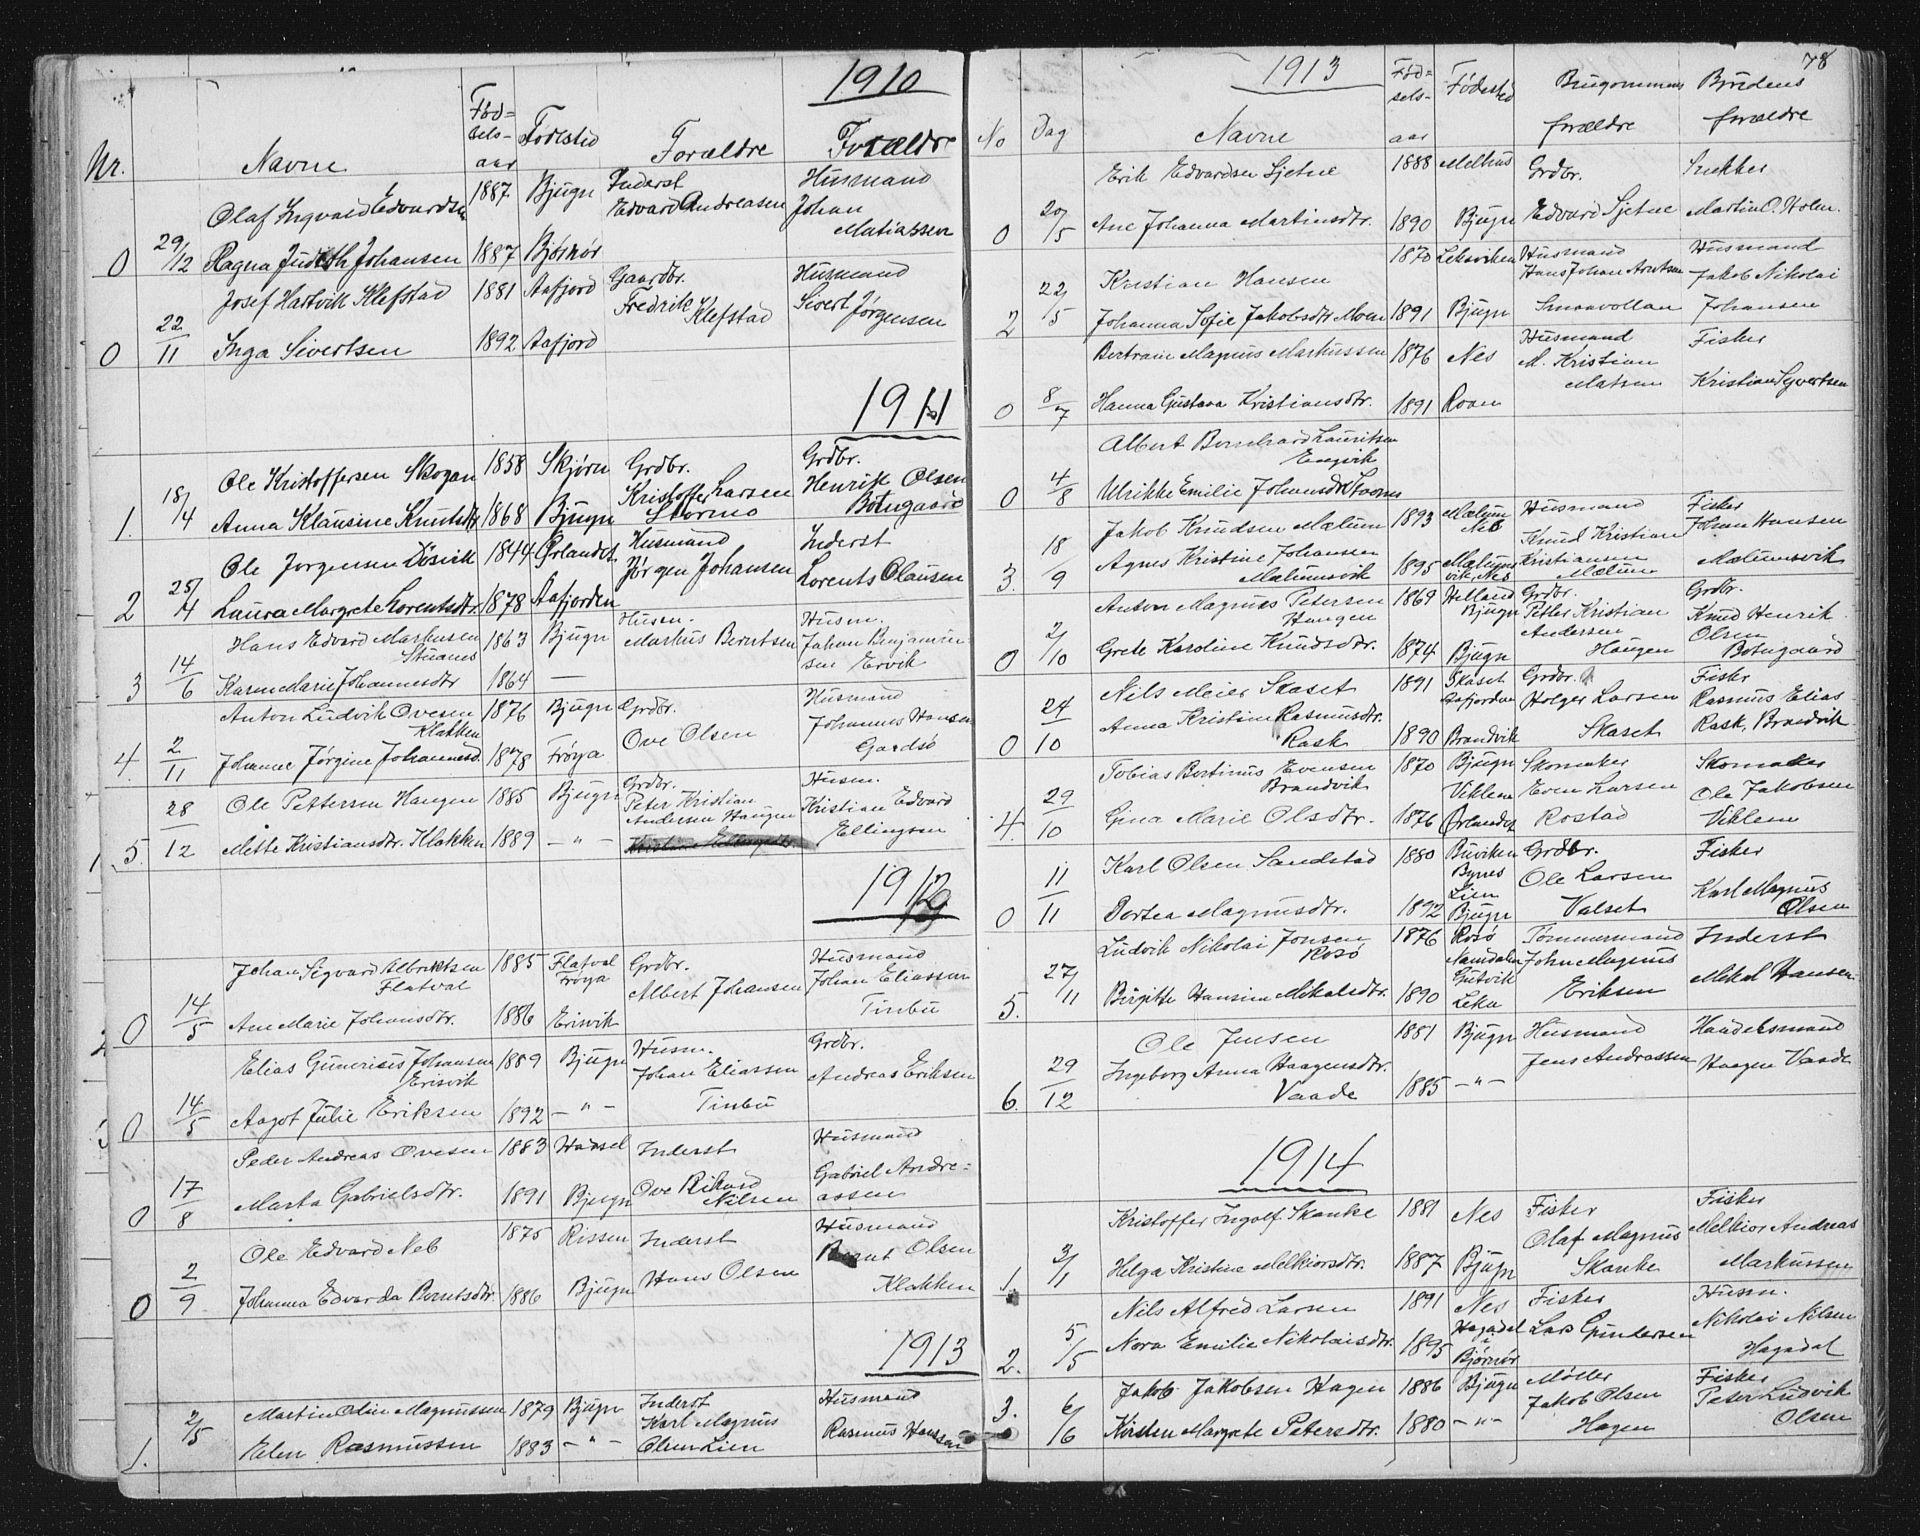 SAT, Ministerialprotokoller, klokkerbøker og fødselsregistre - Sør-Trøndelag, 651/L0647: Klokkerbok nr. 651C01, 1866-1914, s. 78